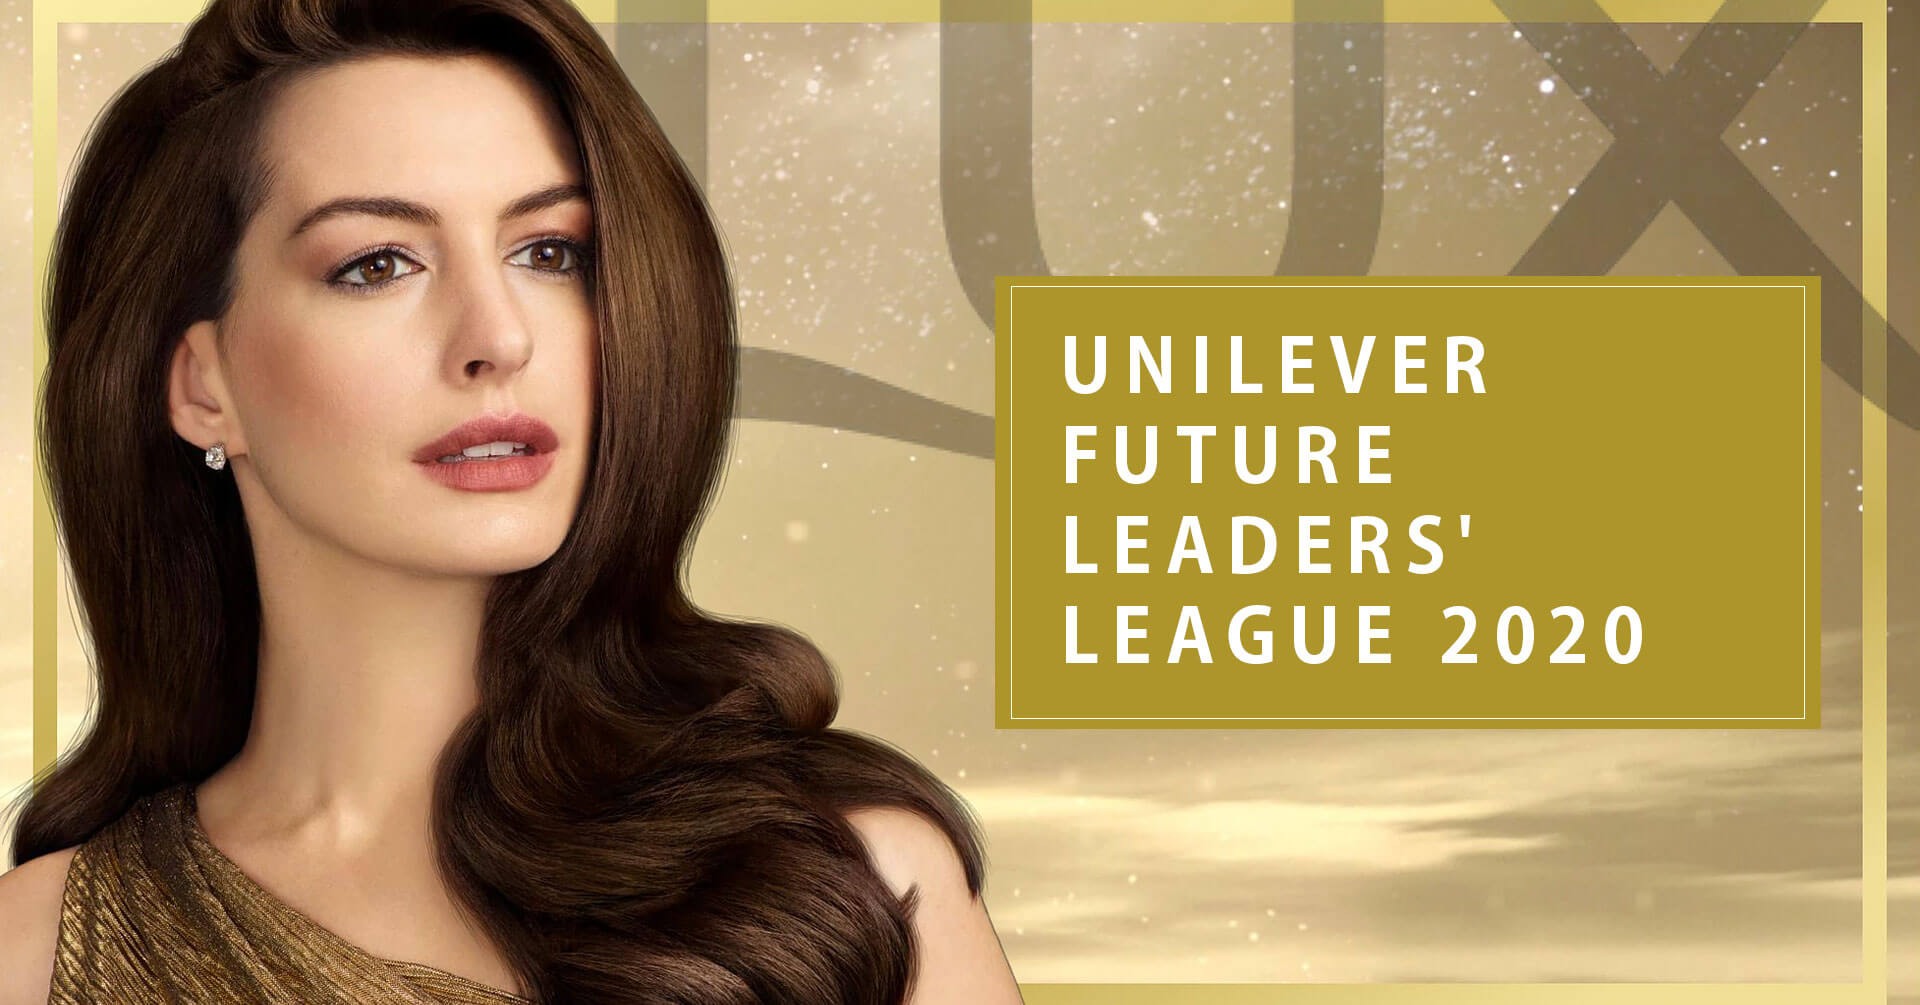 UNILEVER FUTURE LEADERS' LEAGUE2020